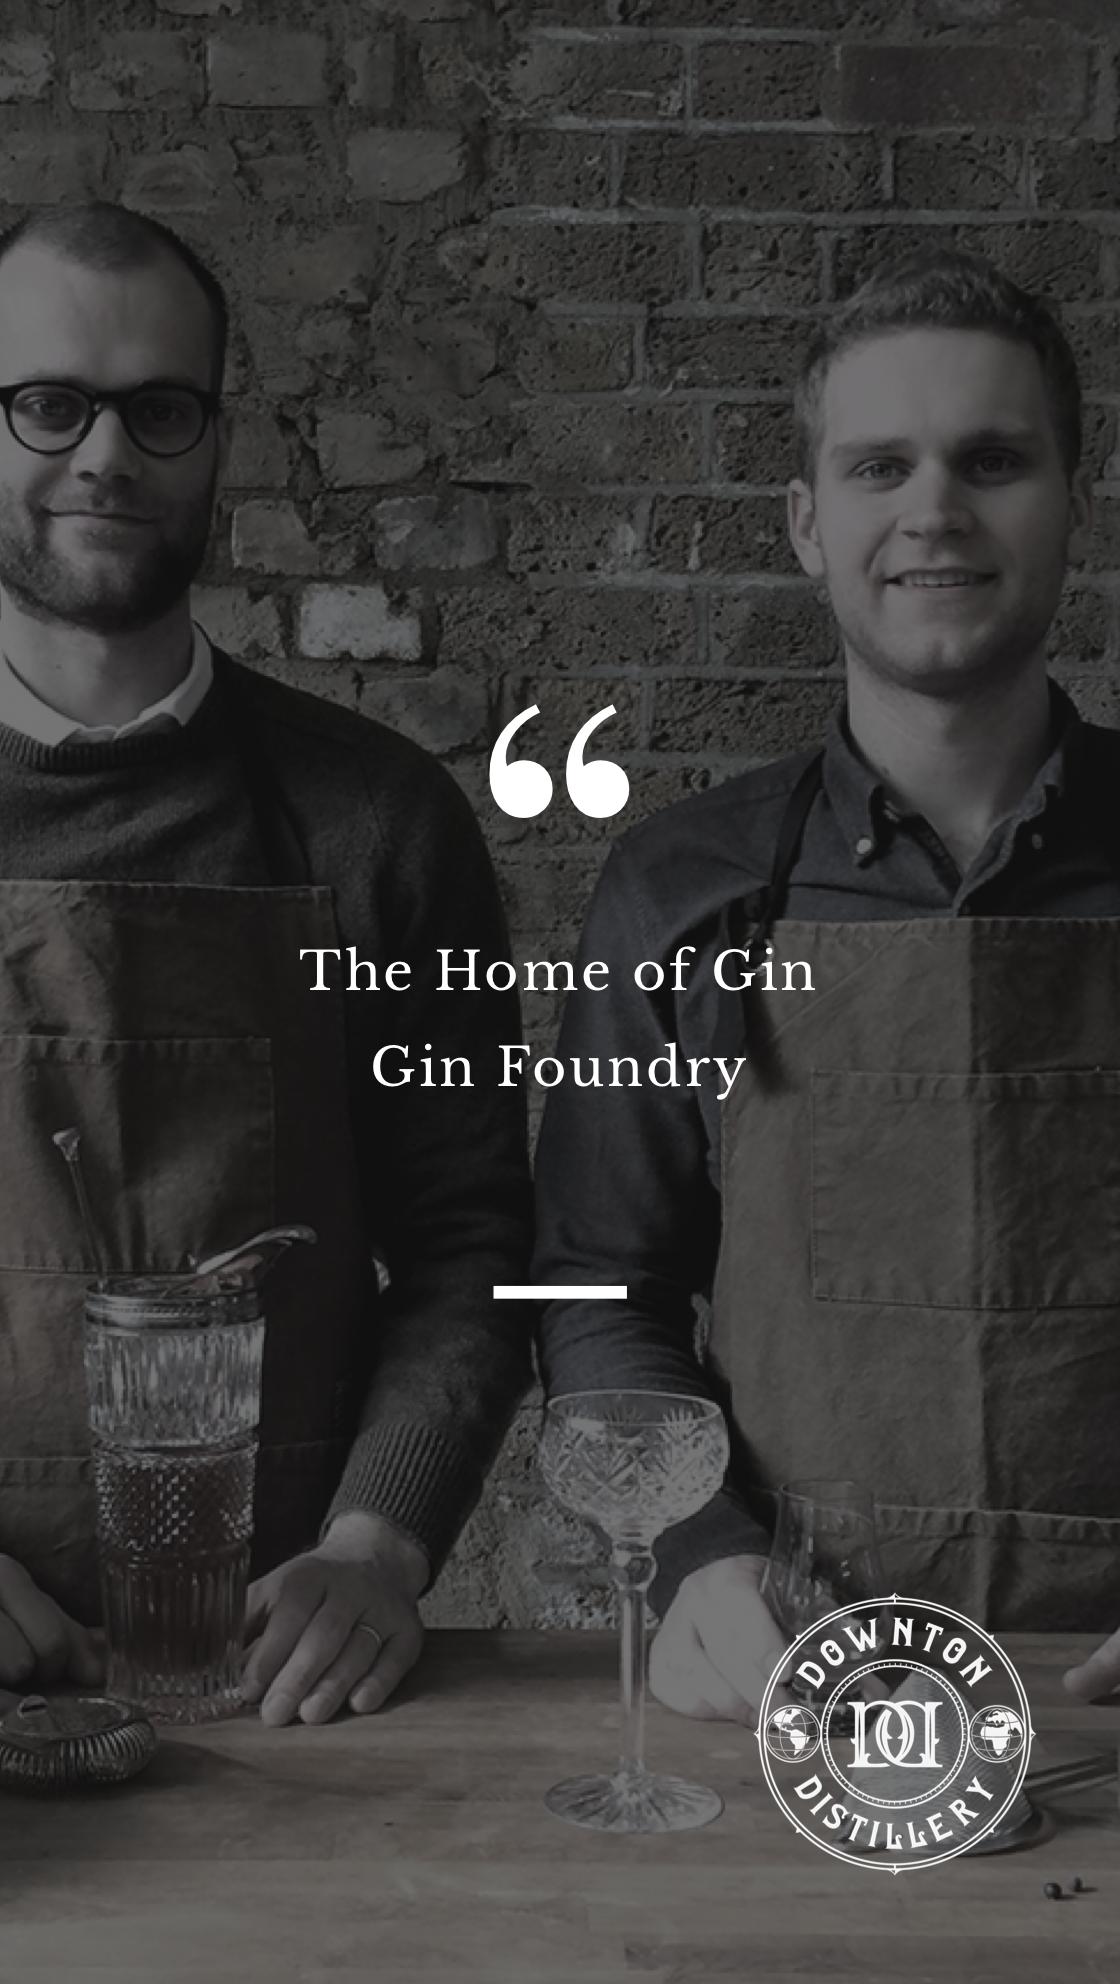 Instagram - Gin Foundry